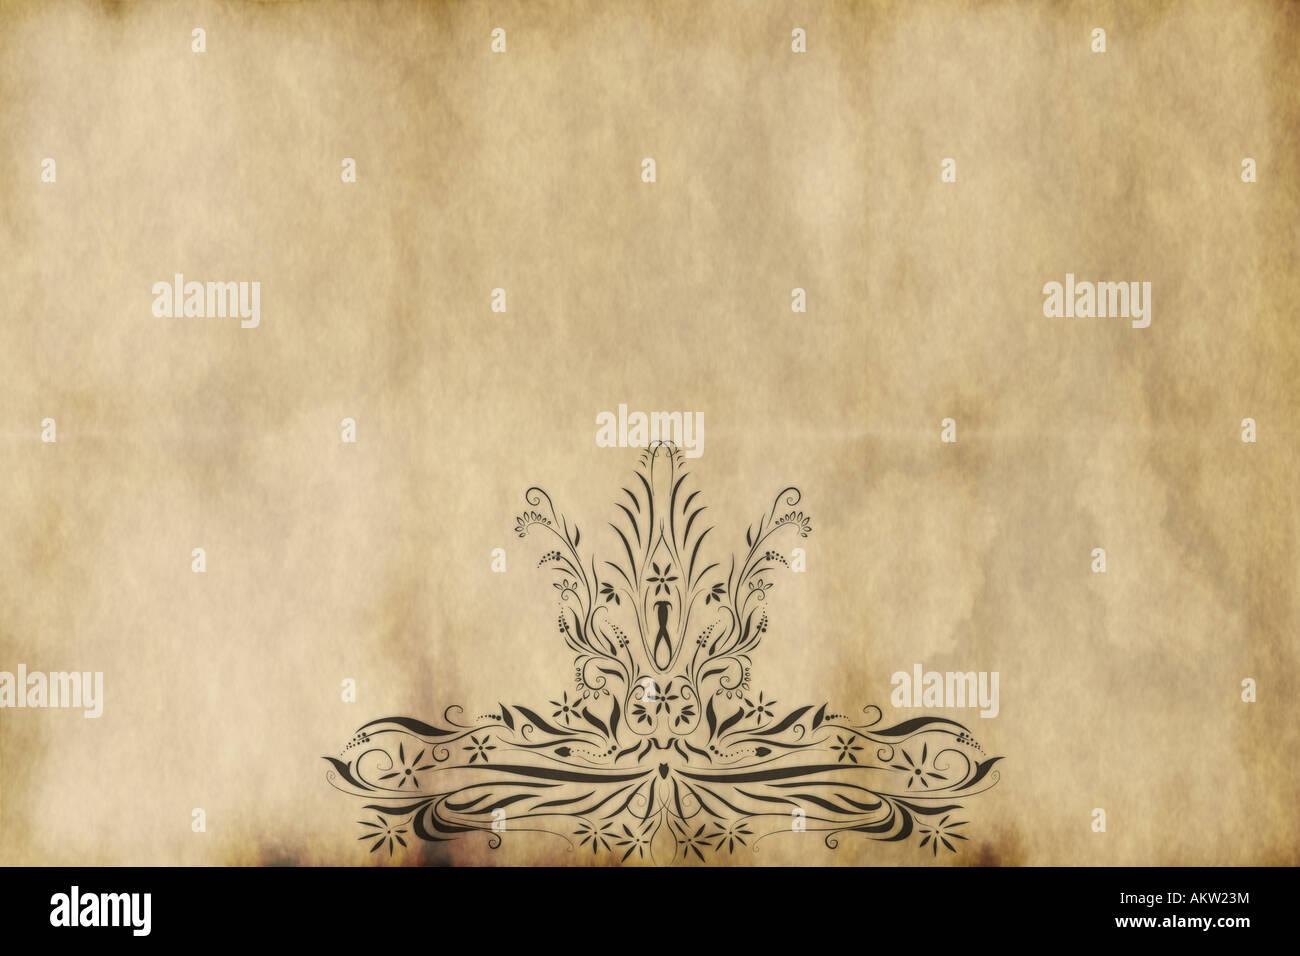 Regal style diseño impreso sobre papel antiguo Imagen De Stock